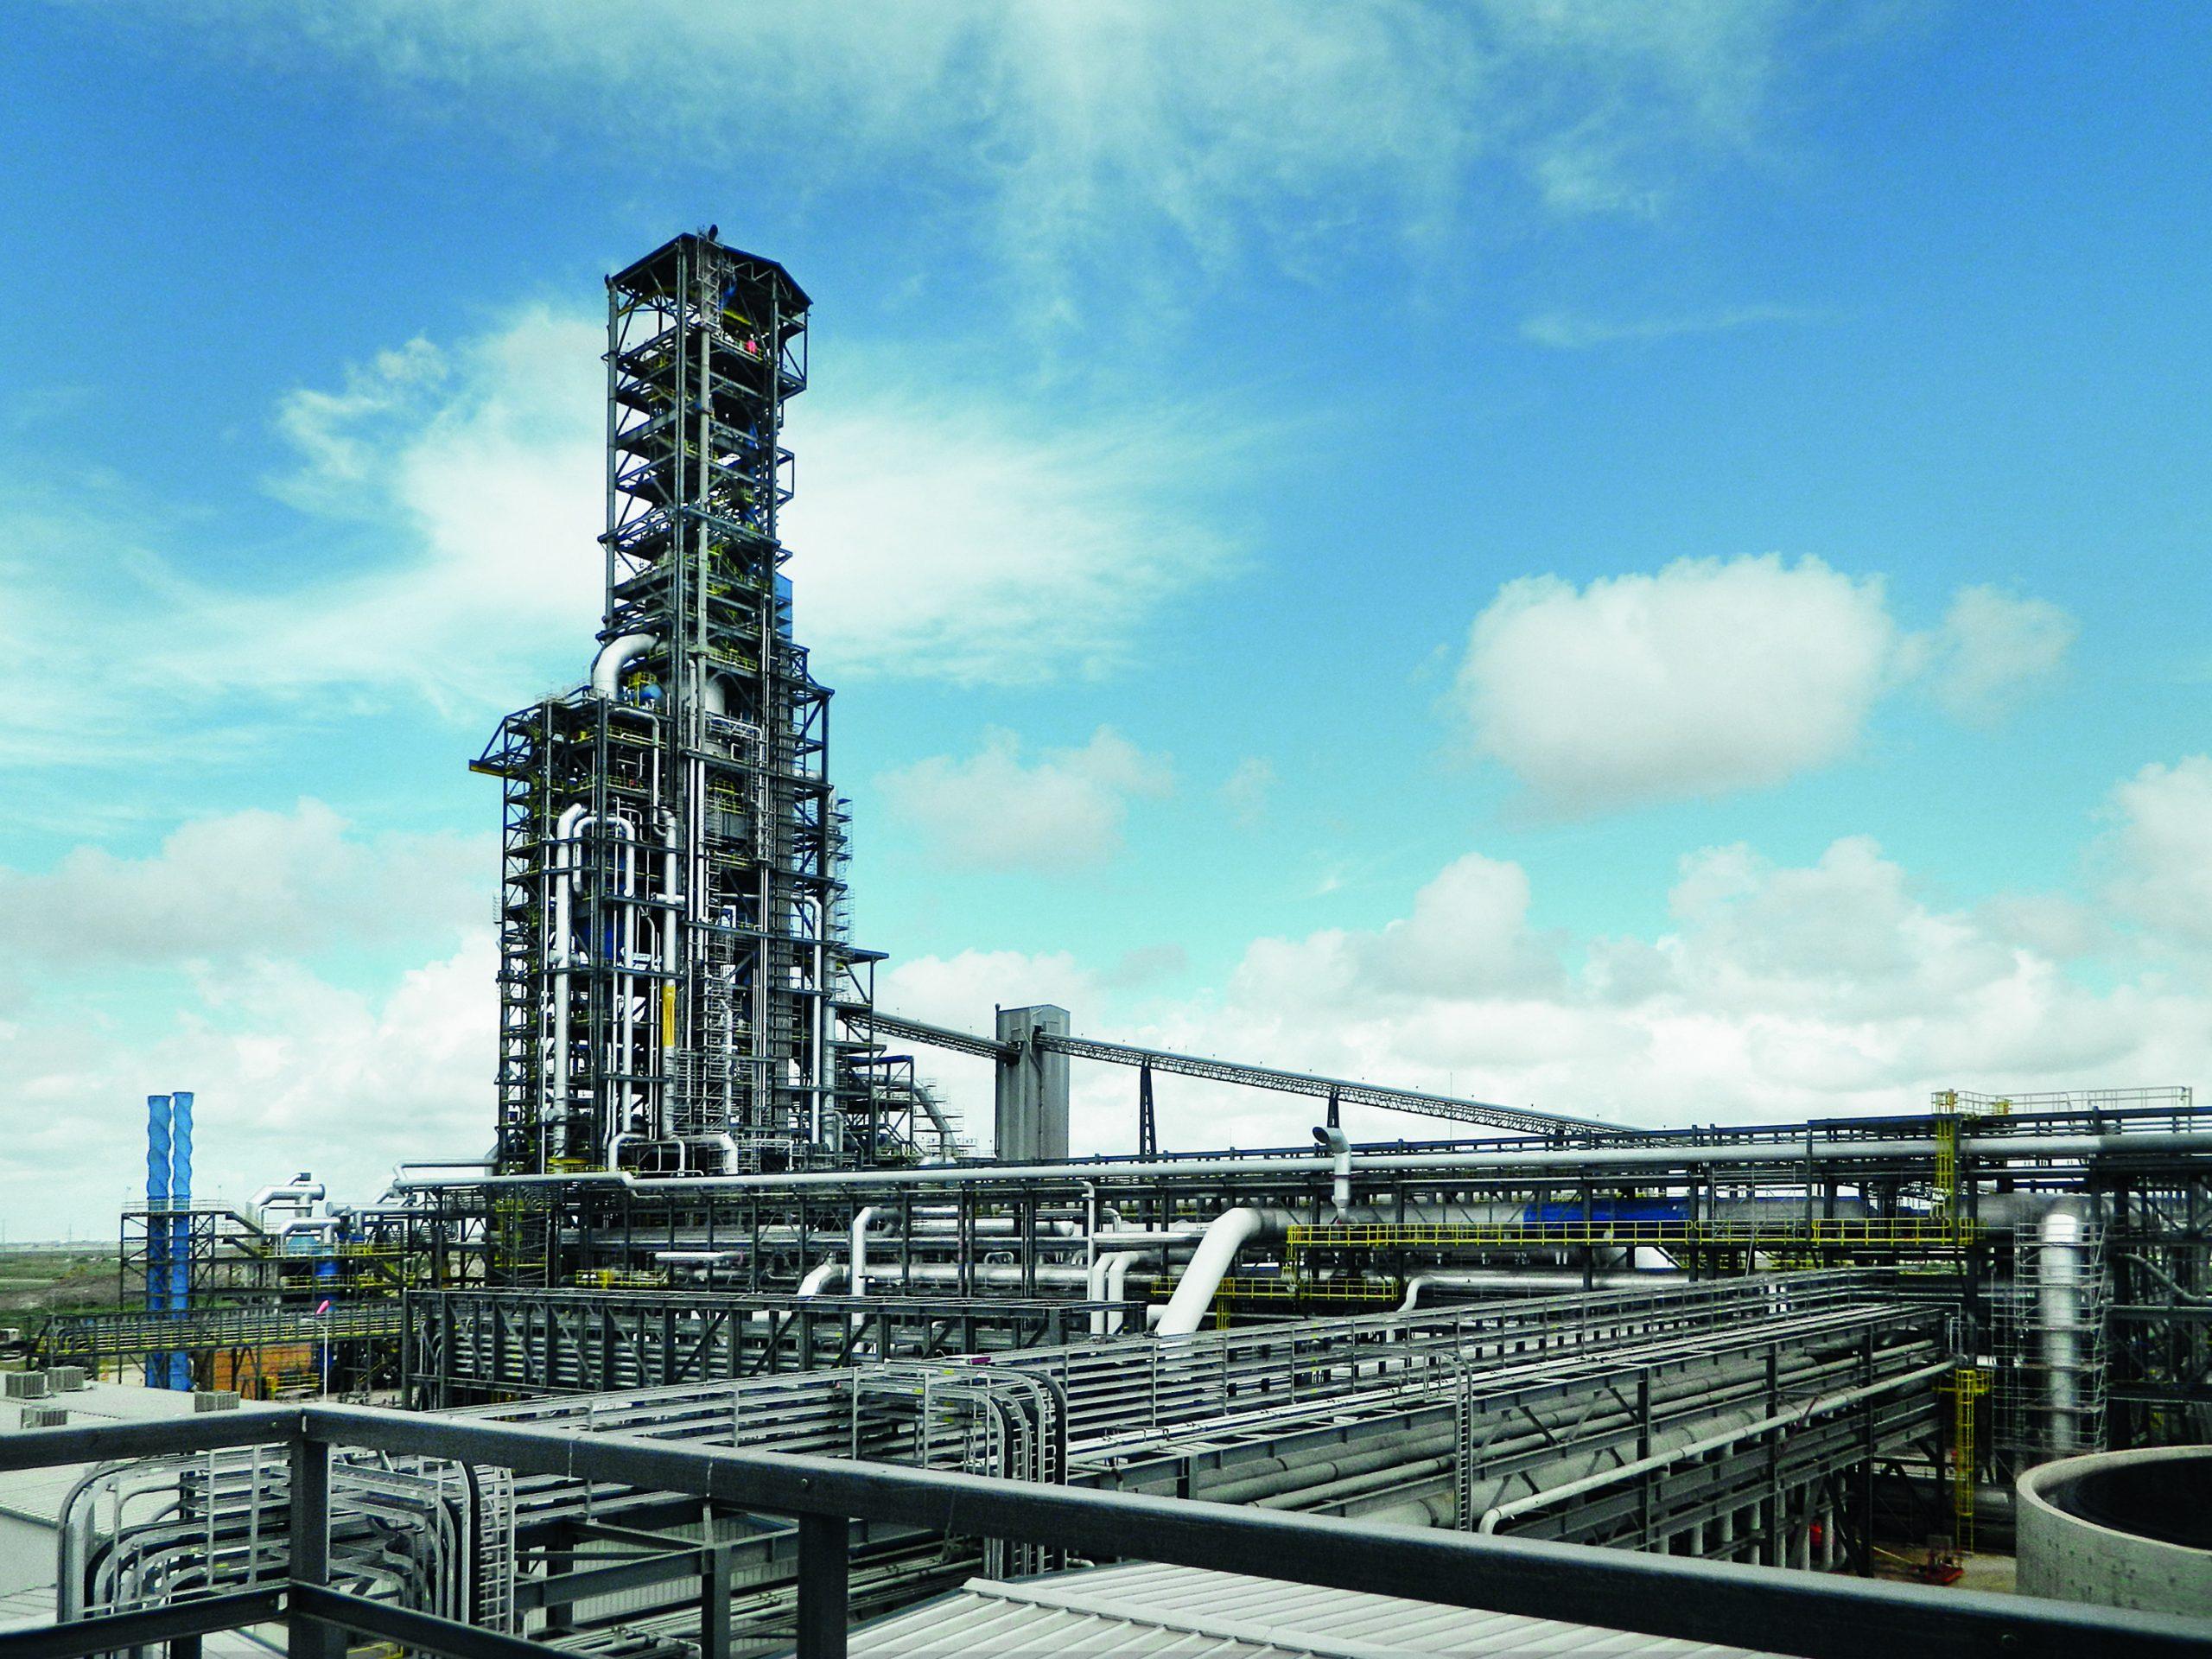 Zuletzt hat die MFL vier Hochleistungsförderanlagen für das voestalpine-Werk in Corpus Christi, Texas, beigesteuert. (Fotos: voestalpine)